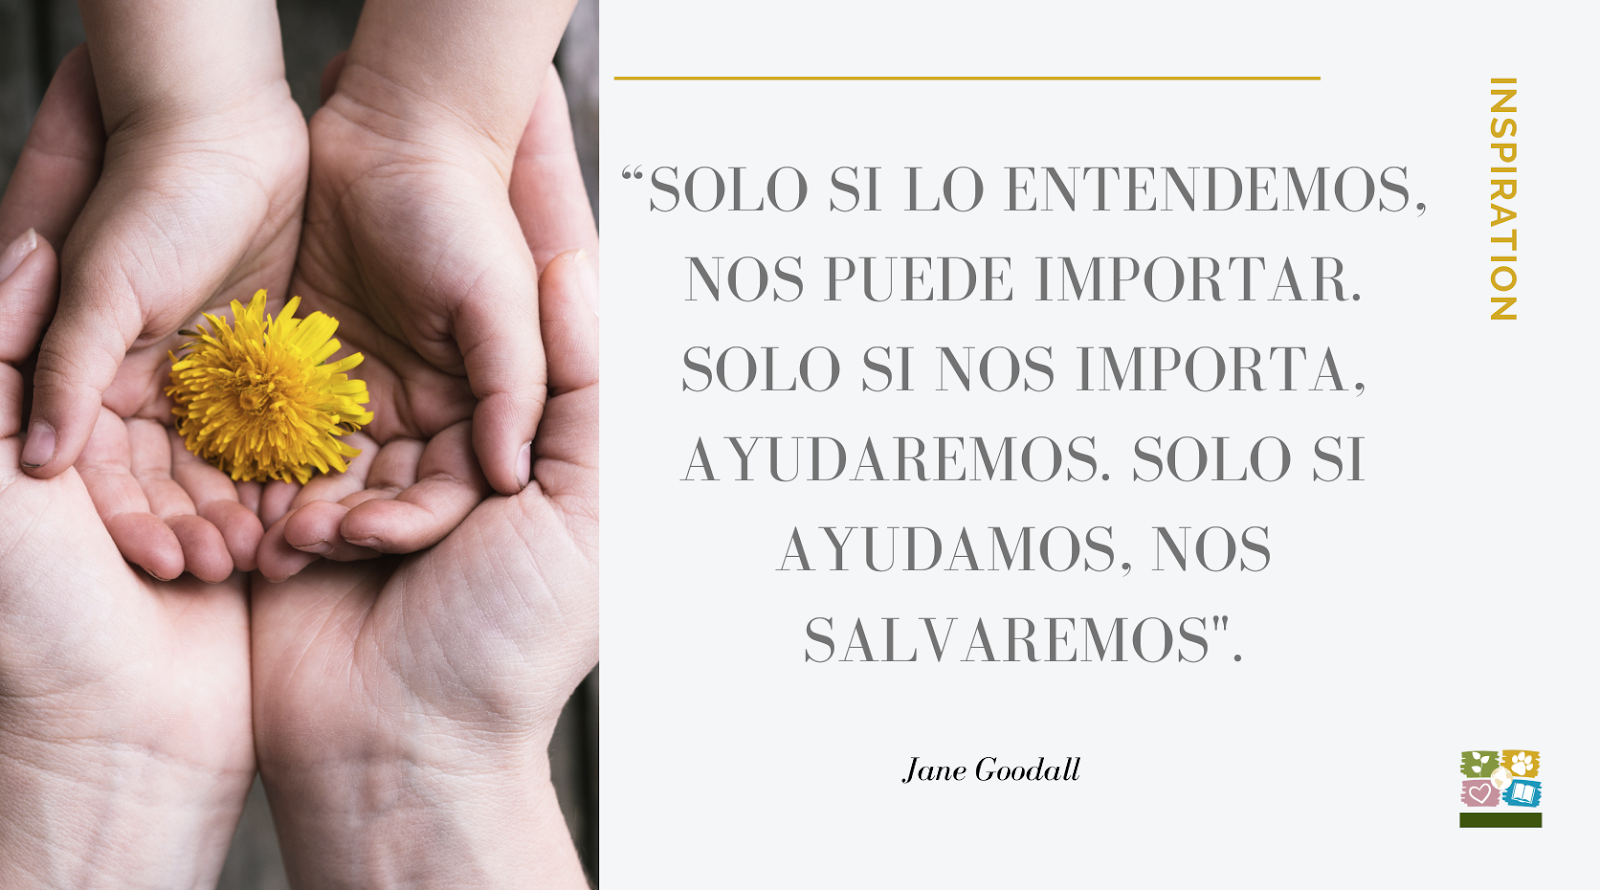 """Foto de manos con flor y luego el texto: """"Sólo si lo entendemos nos puede importar. Solo si nos importa, ayudaremos. Sólo si ayudamos nos salvaremos"""" Jane Goodall"""